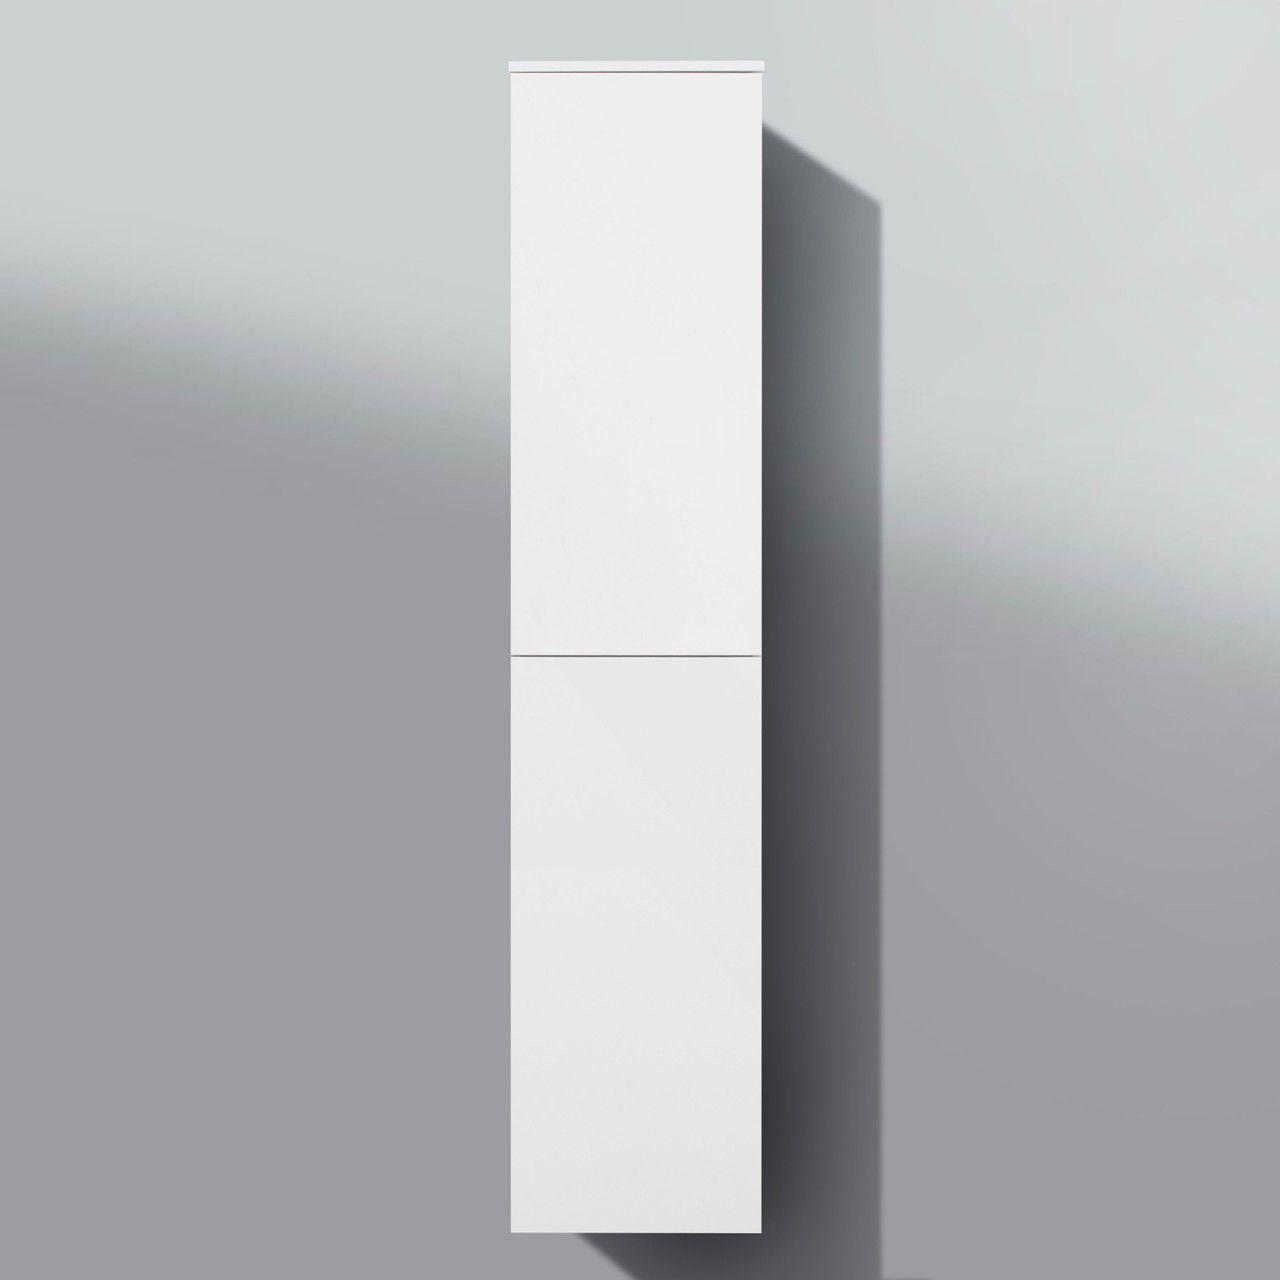 Bad Hochschrank Seitenschrank Grifflos H B T 161 35 33cm Weiss